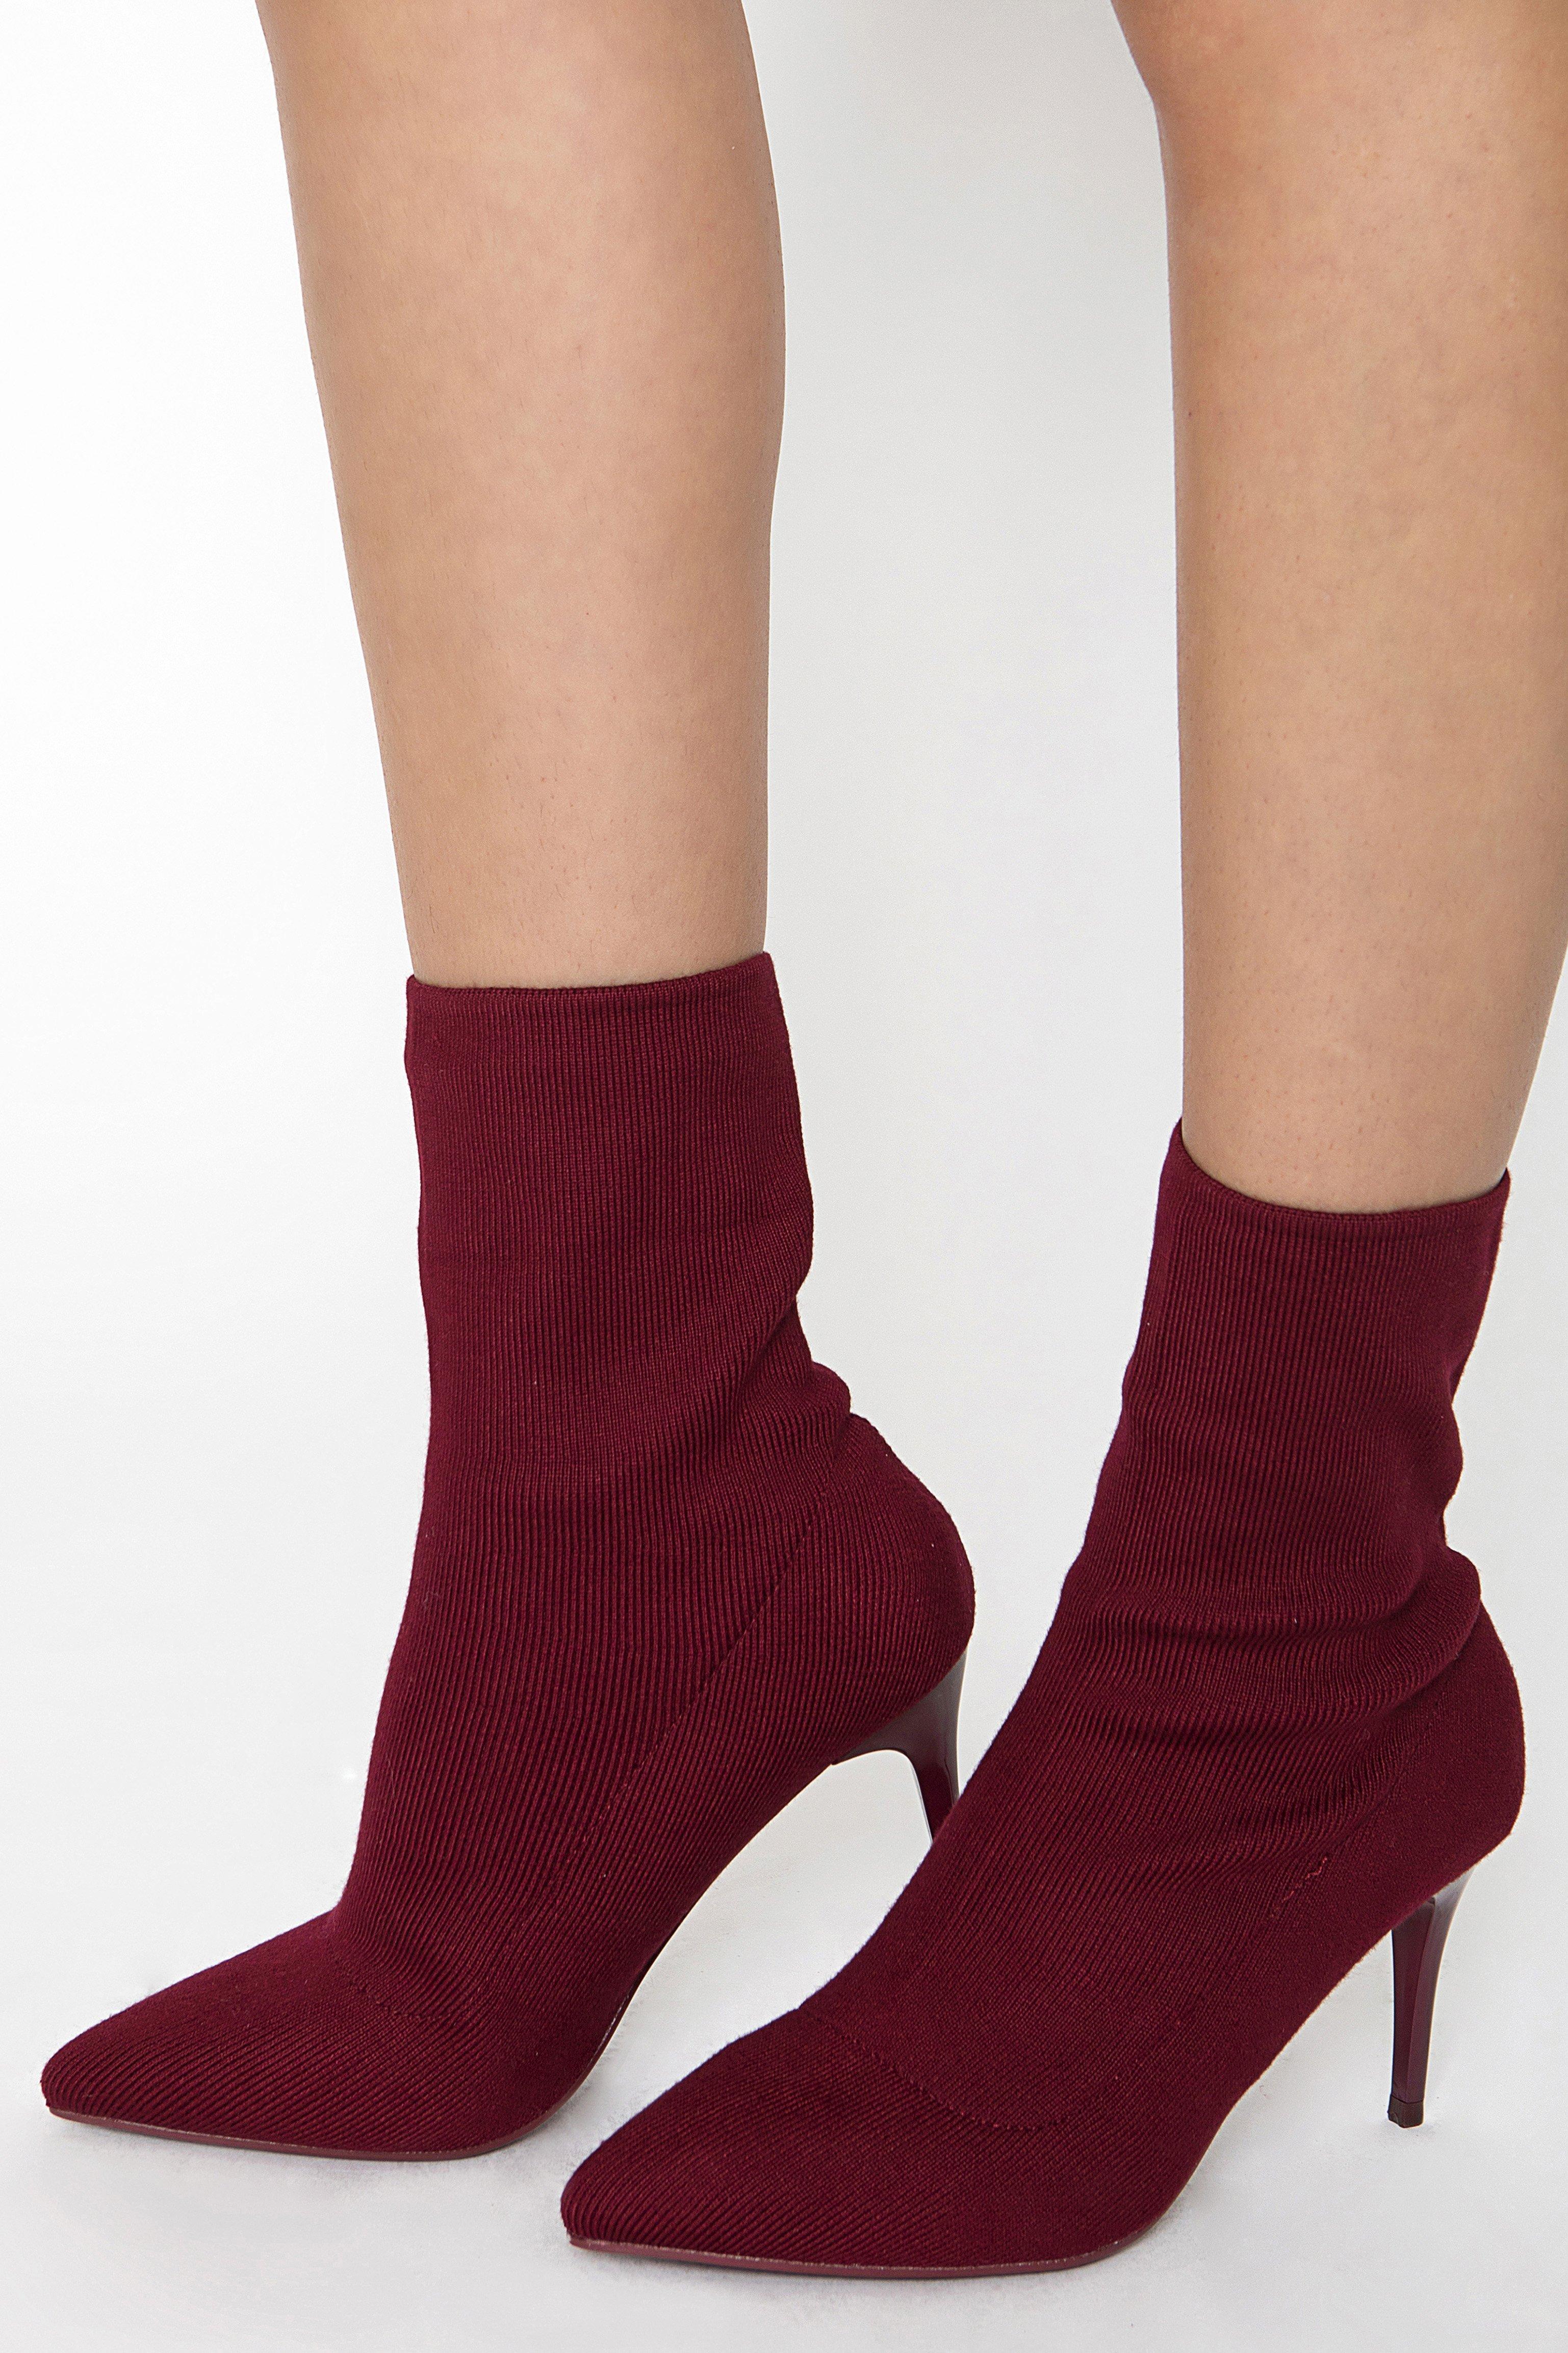 SHOCK HEEL BOOTS - Μπορντώ shoes   heels